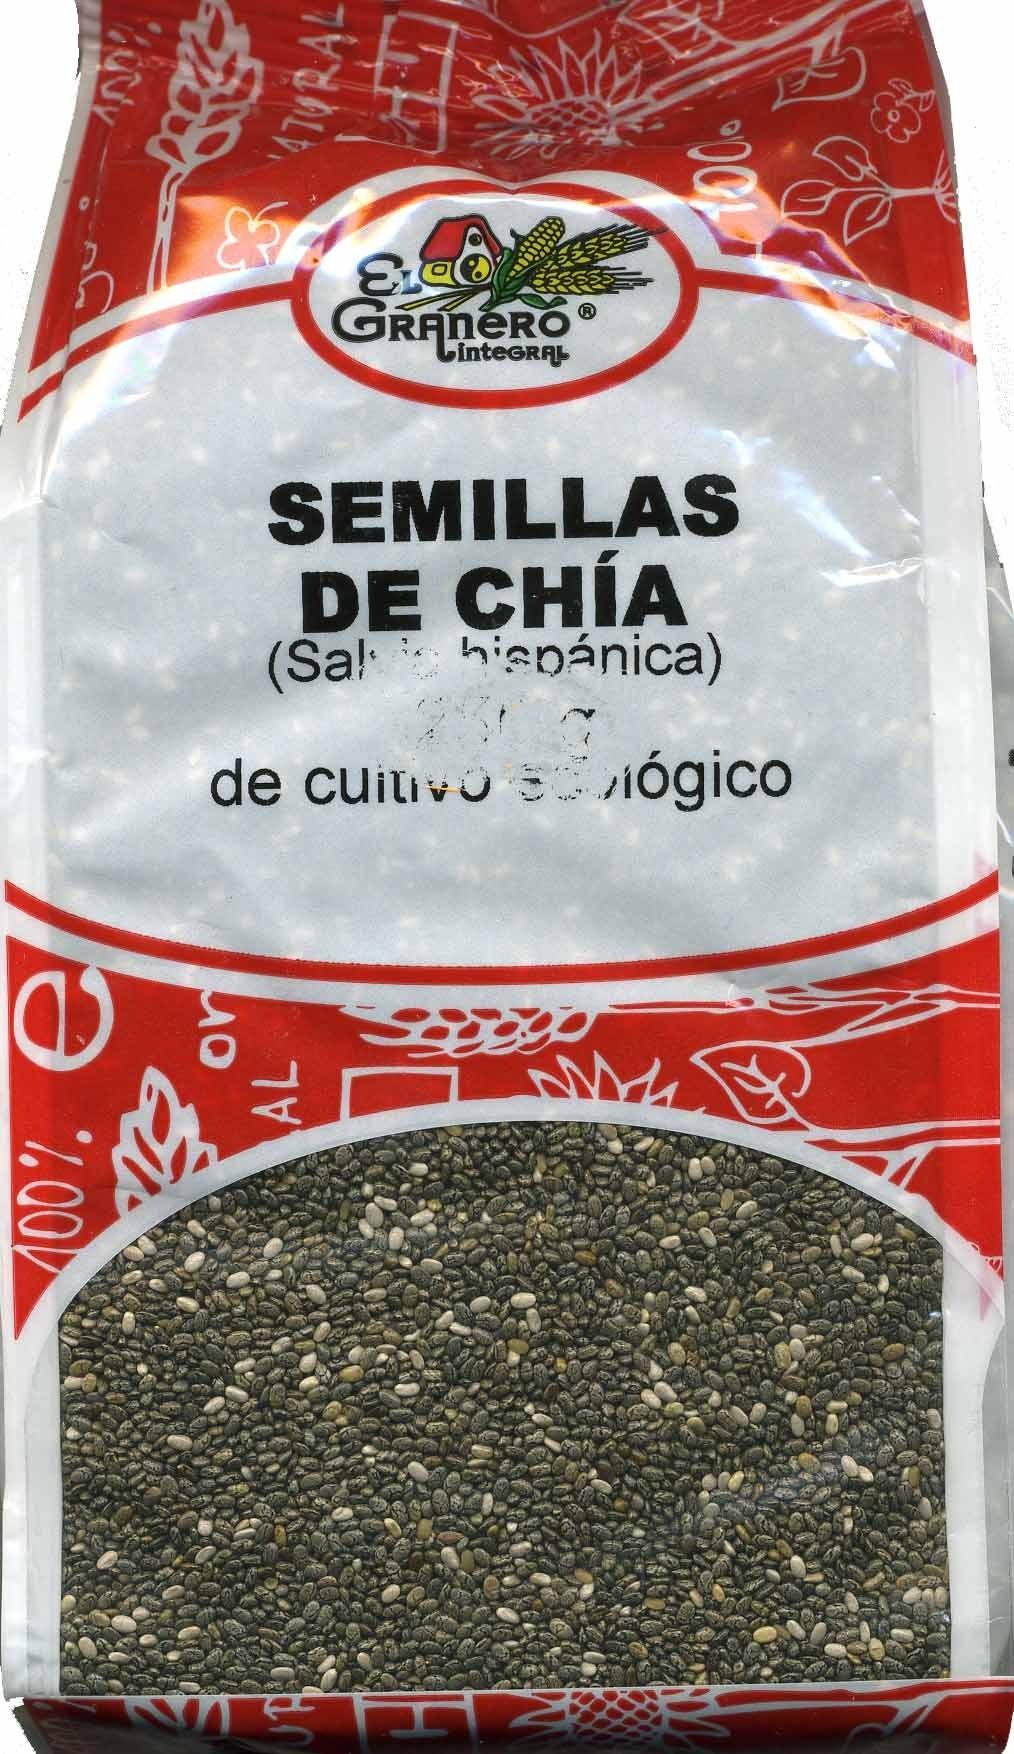 Semillas de chía - Producto